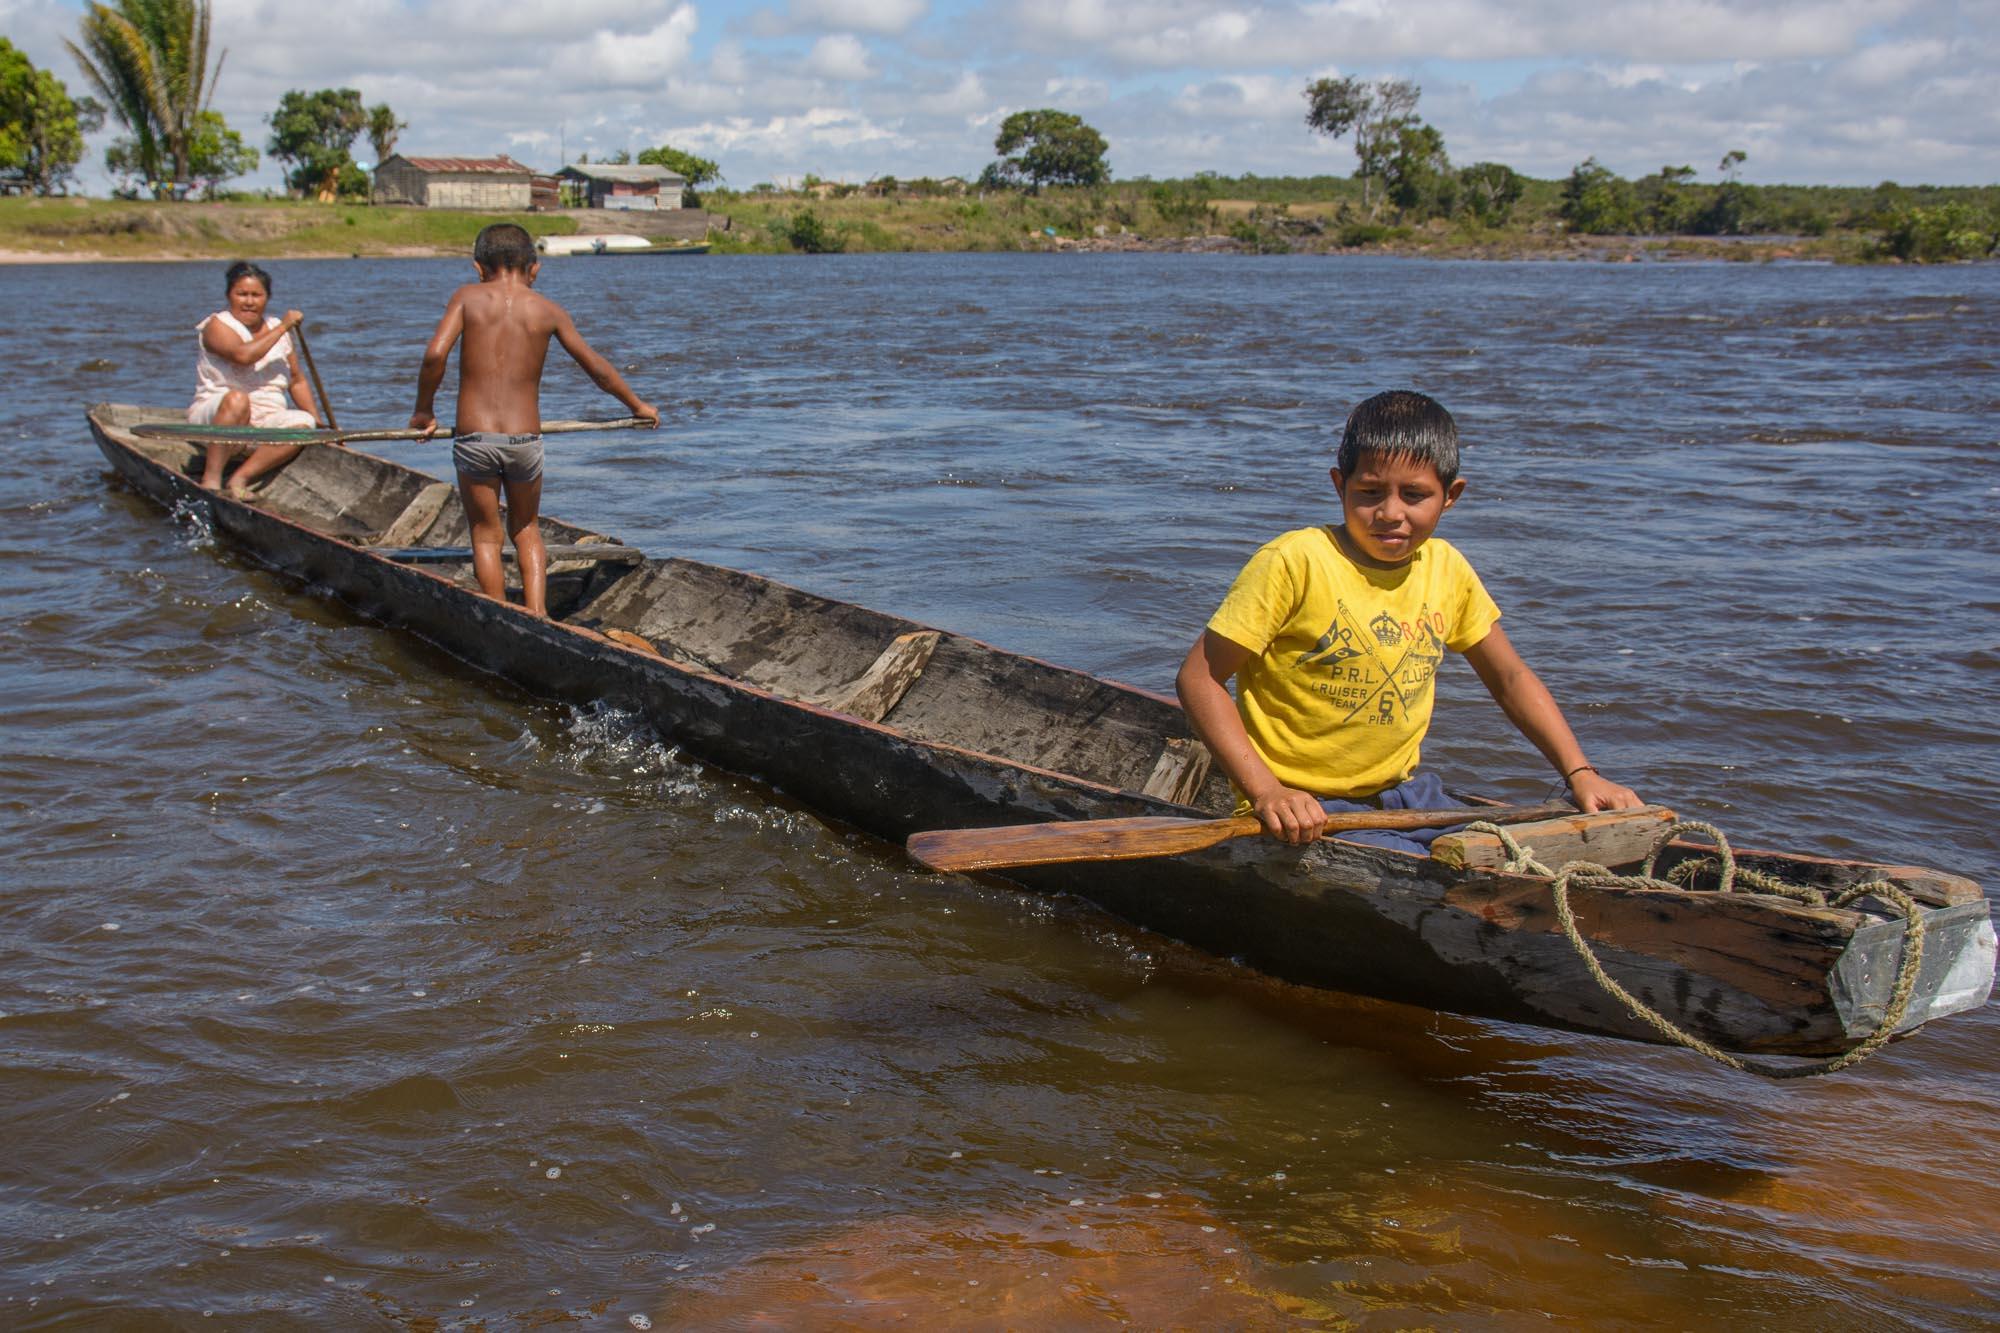 Flußüberquerung mit dem kleinen Boot